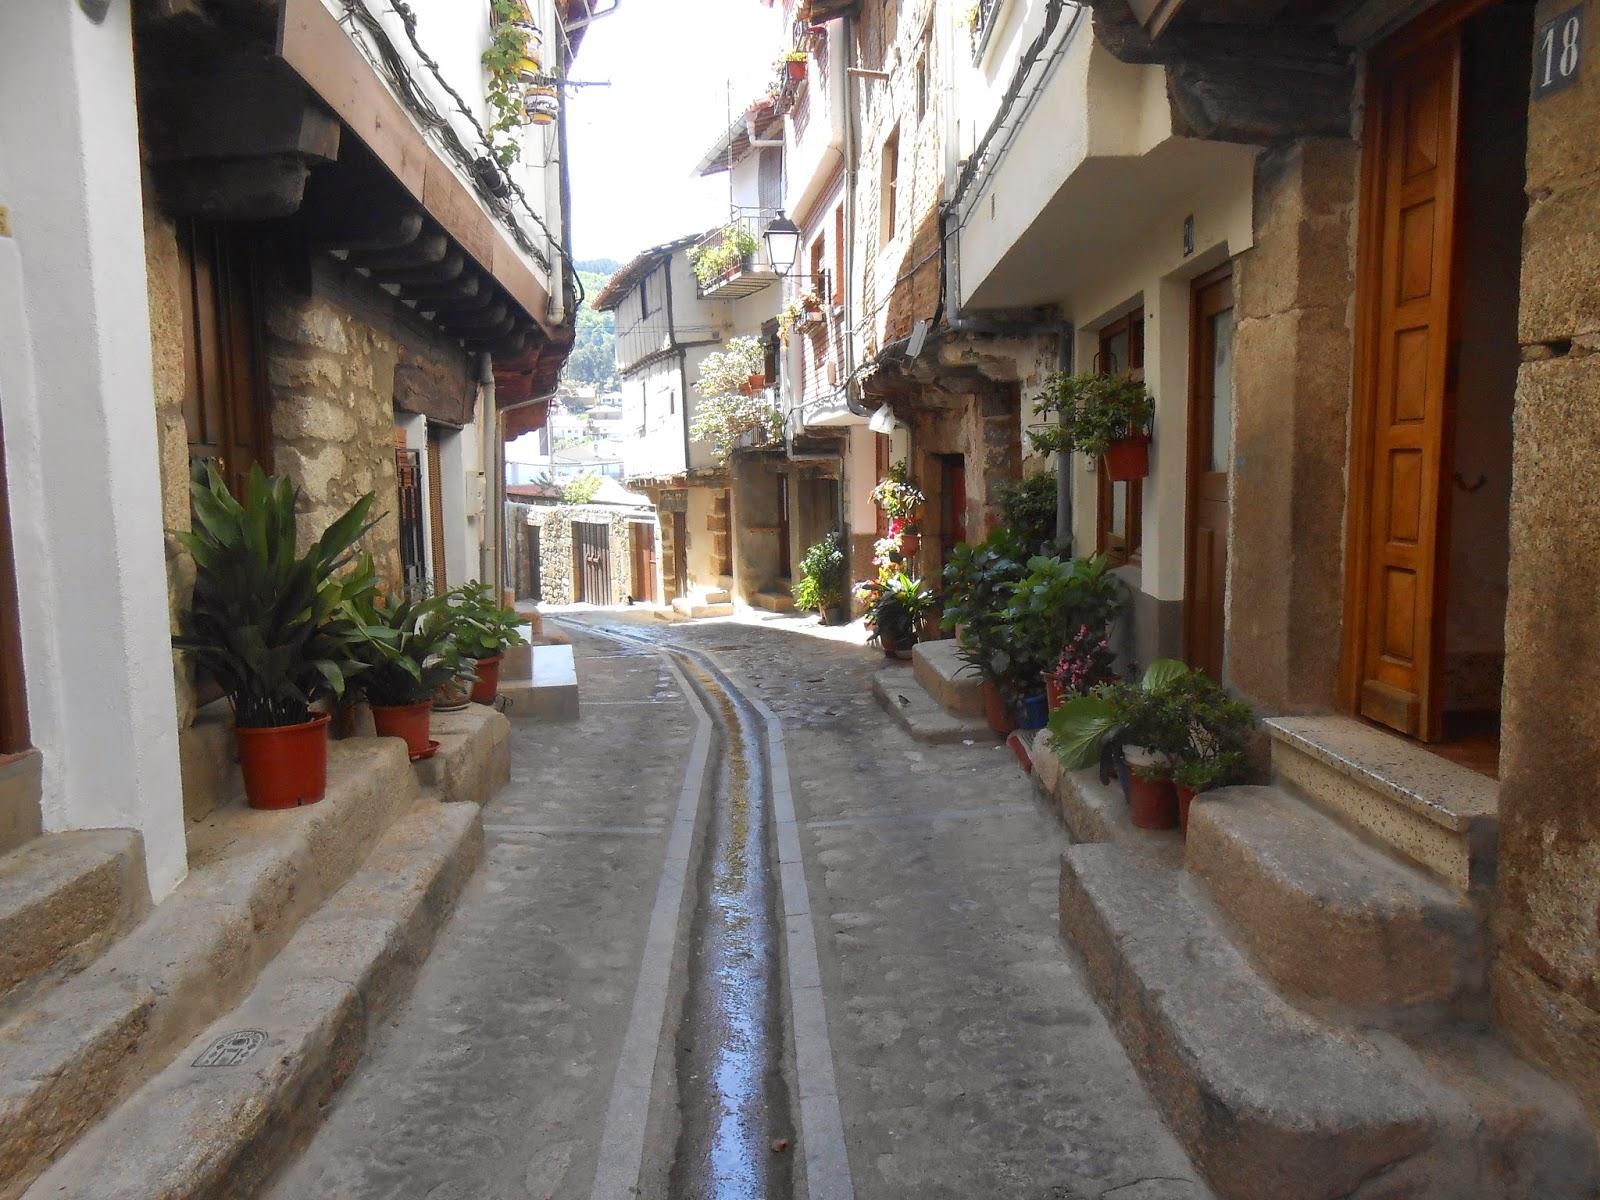 Calles con encanto San Martín de Trevejo